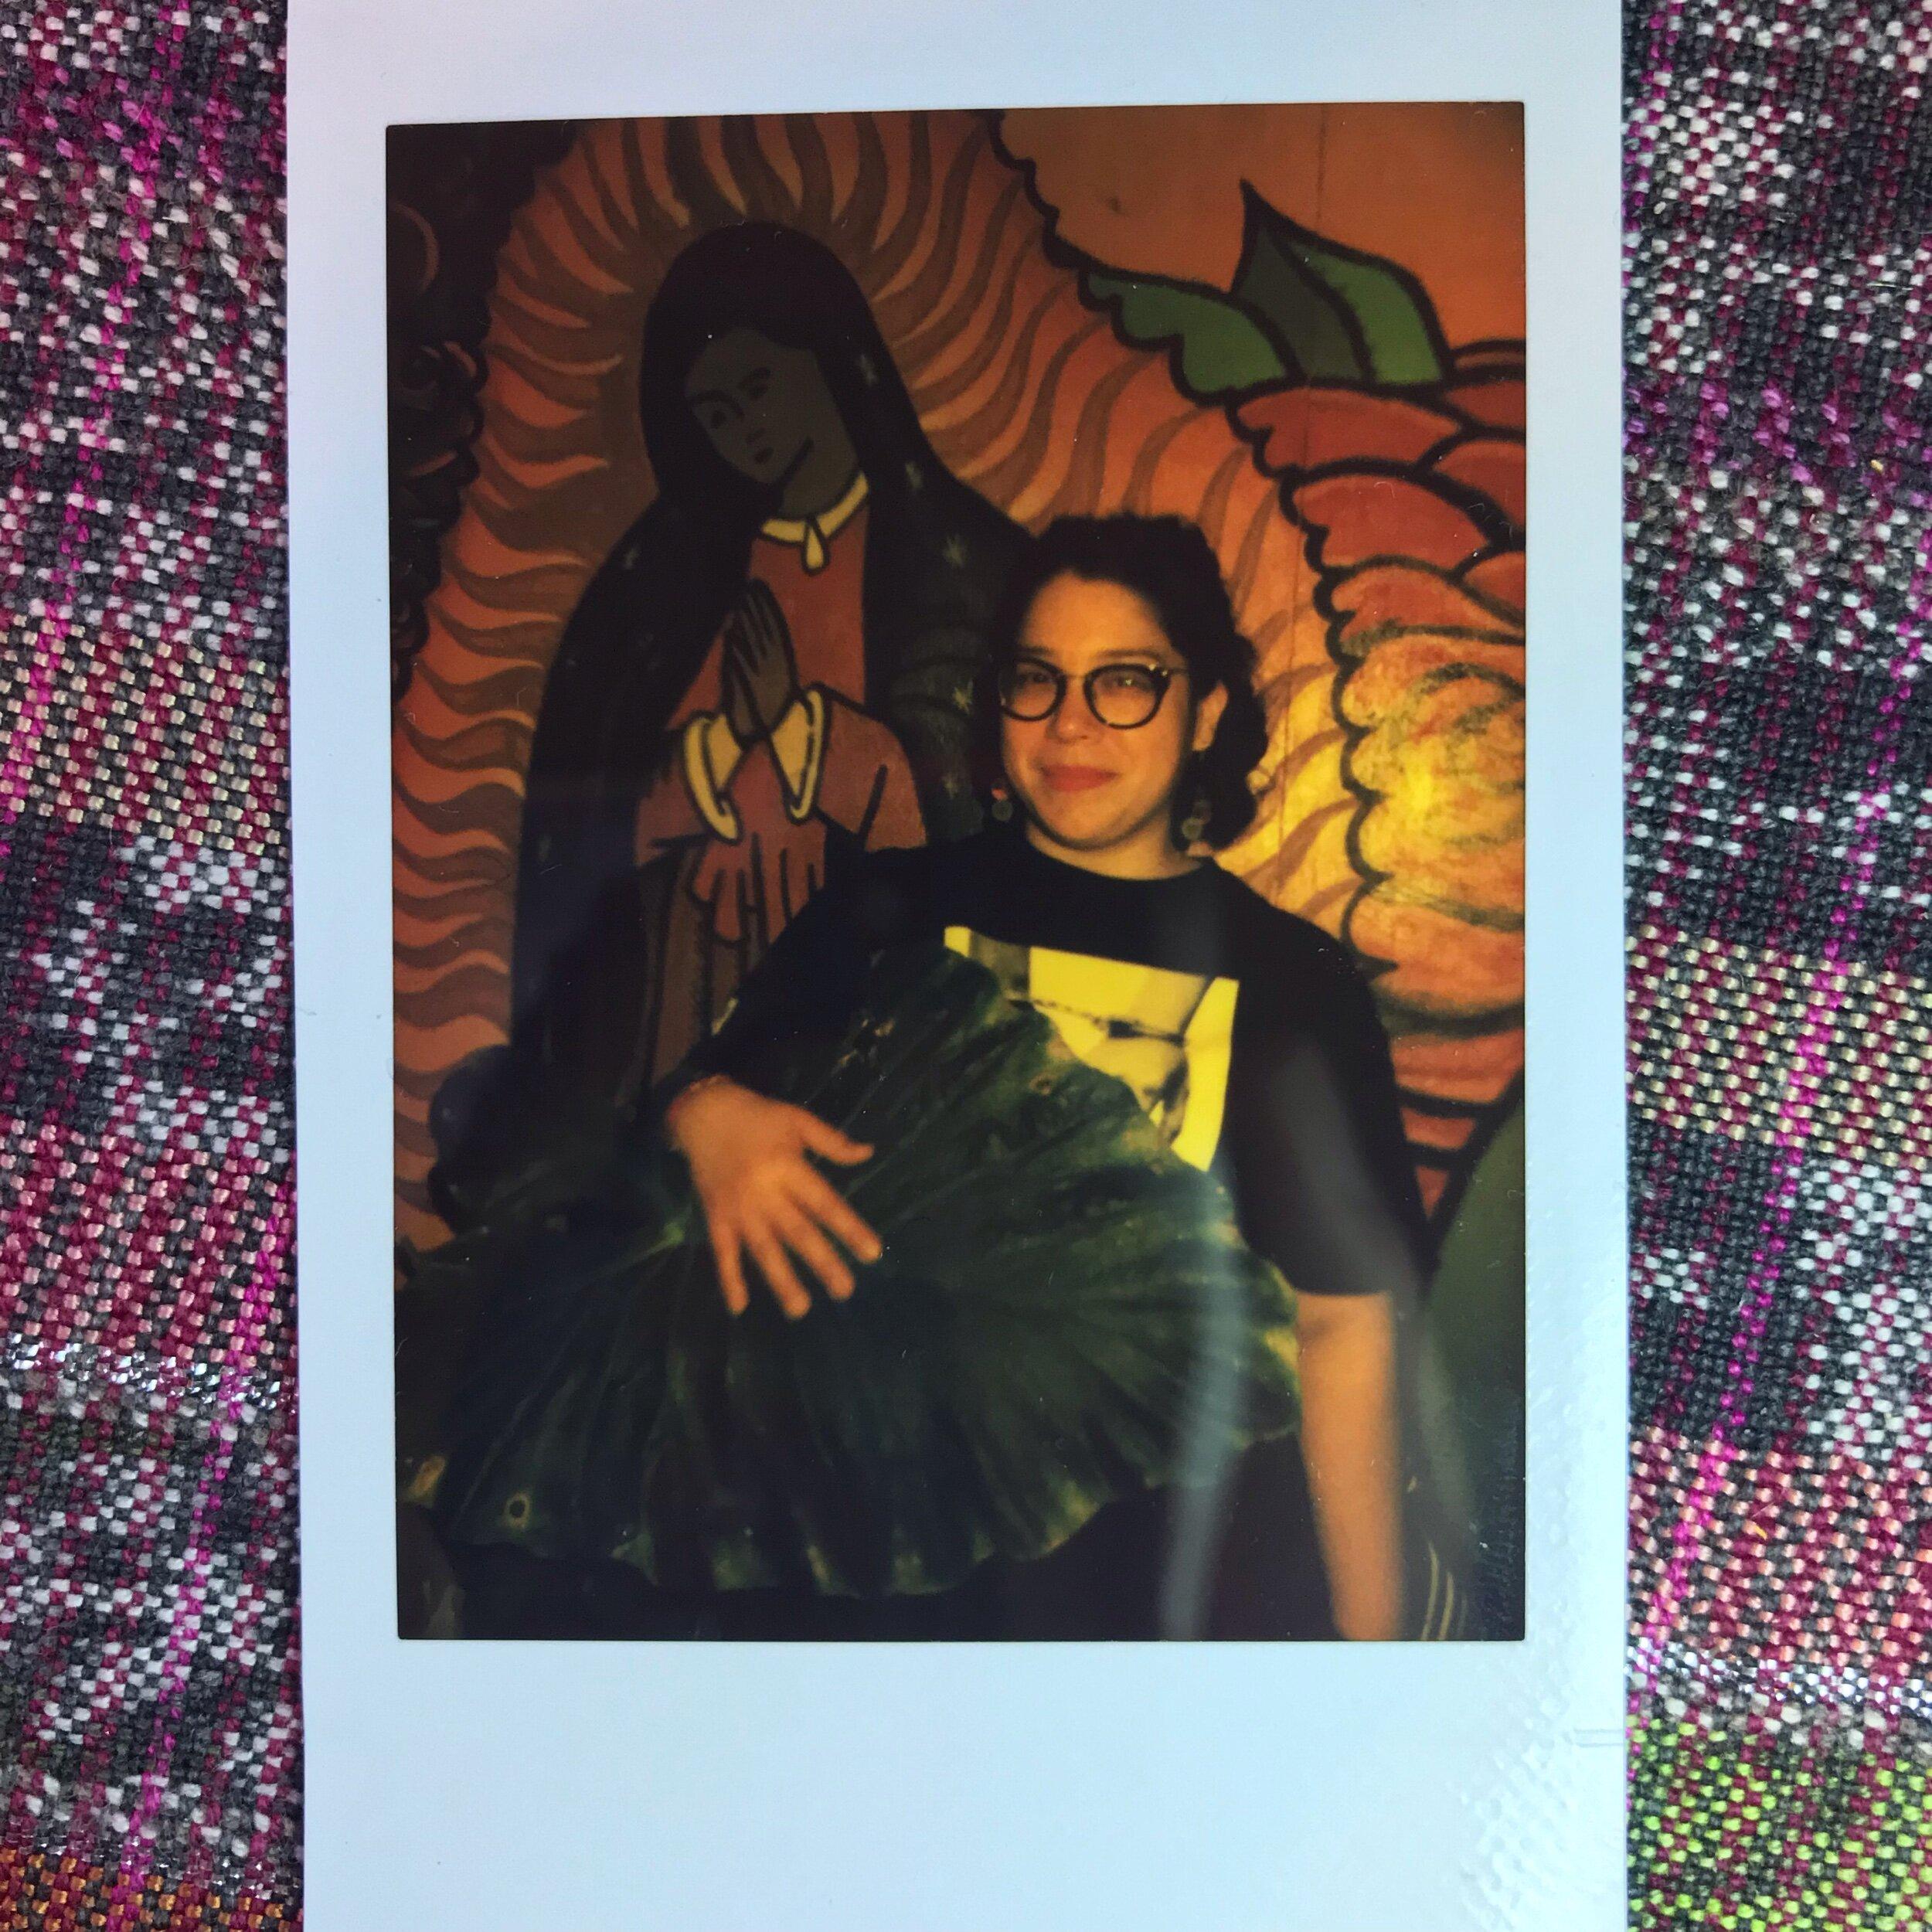 Portrait by Pat of De Colores Collective